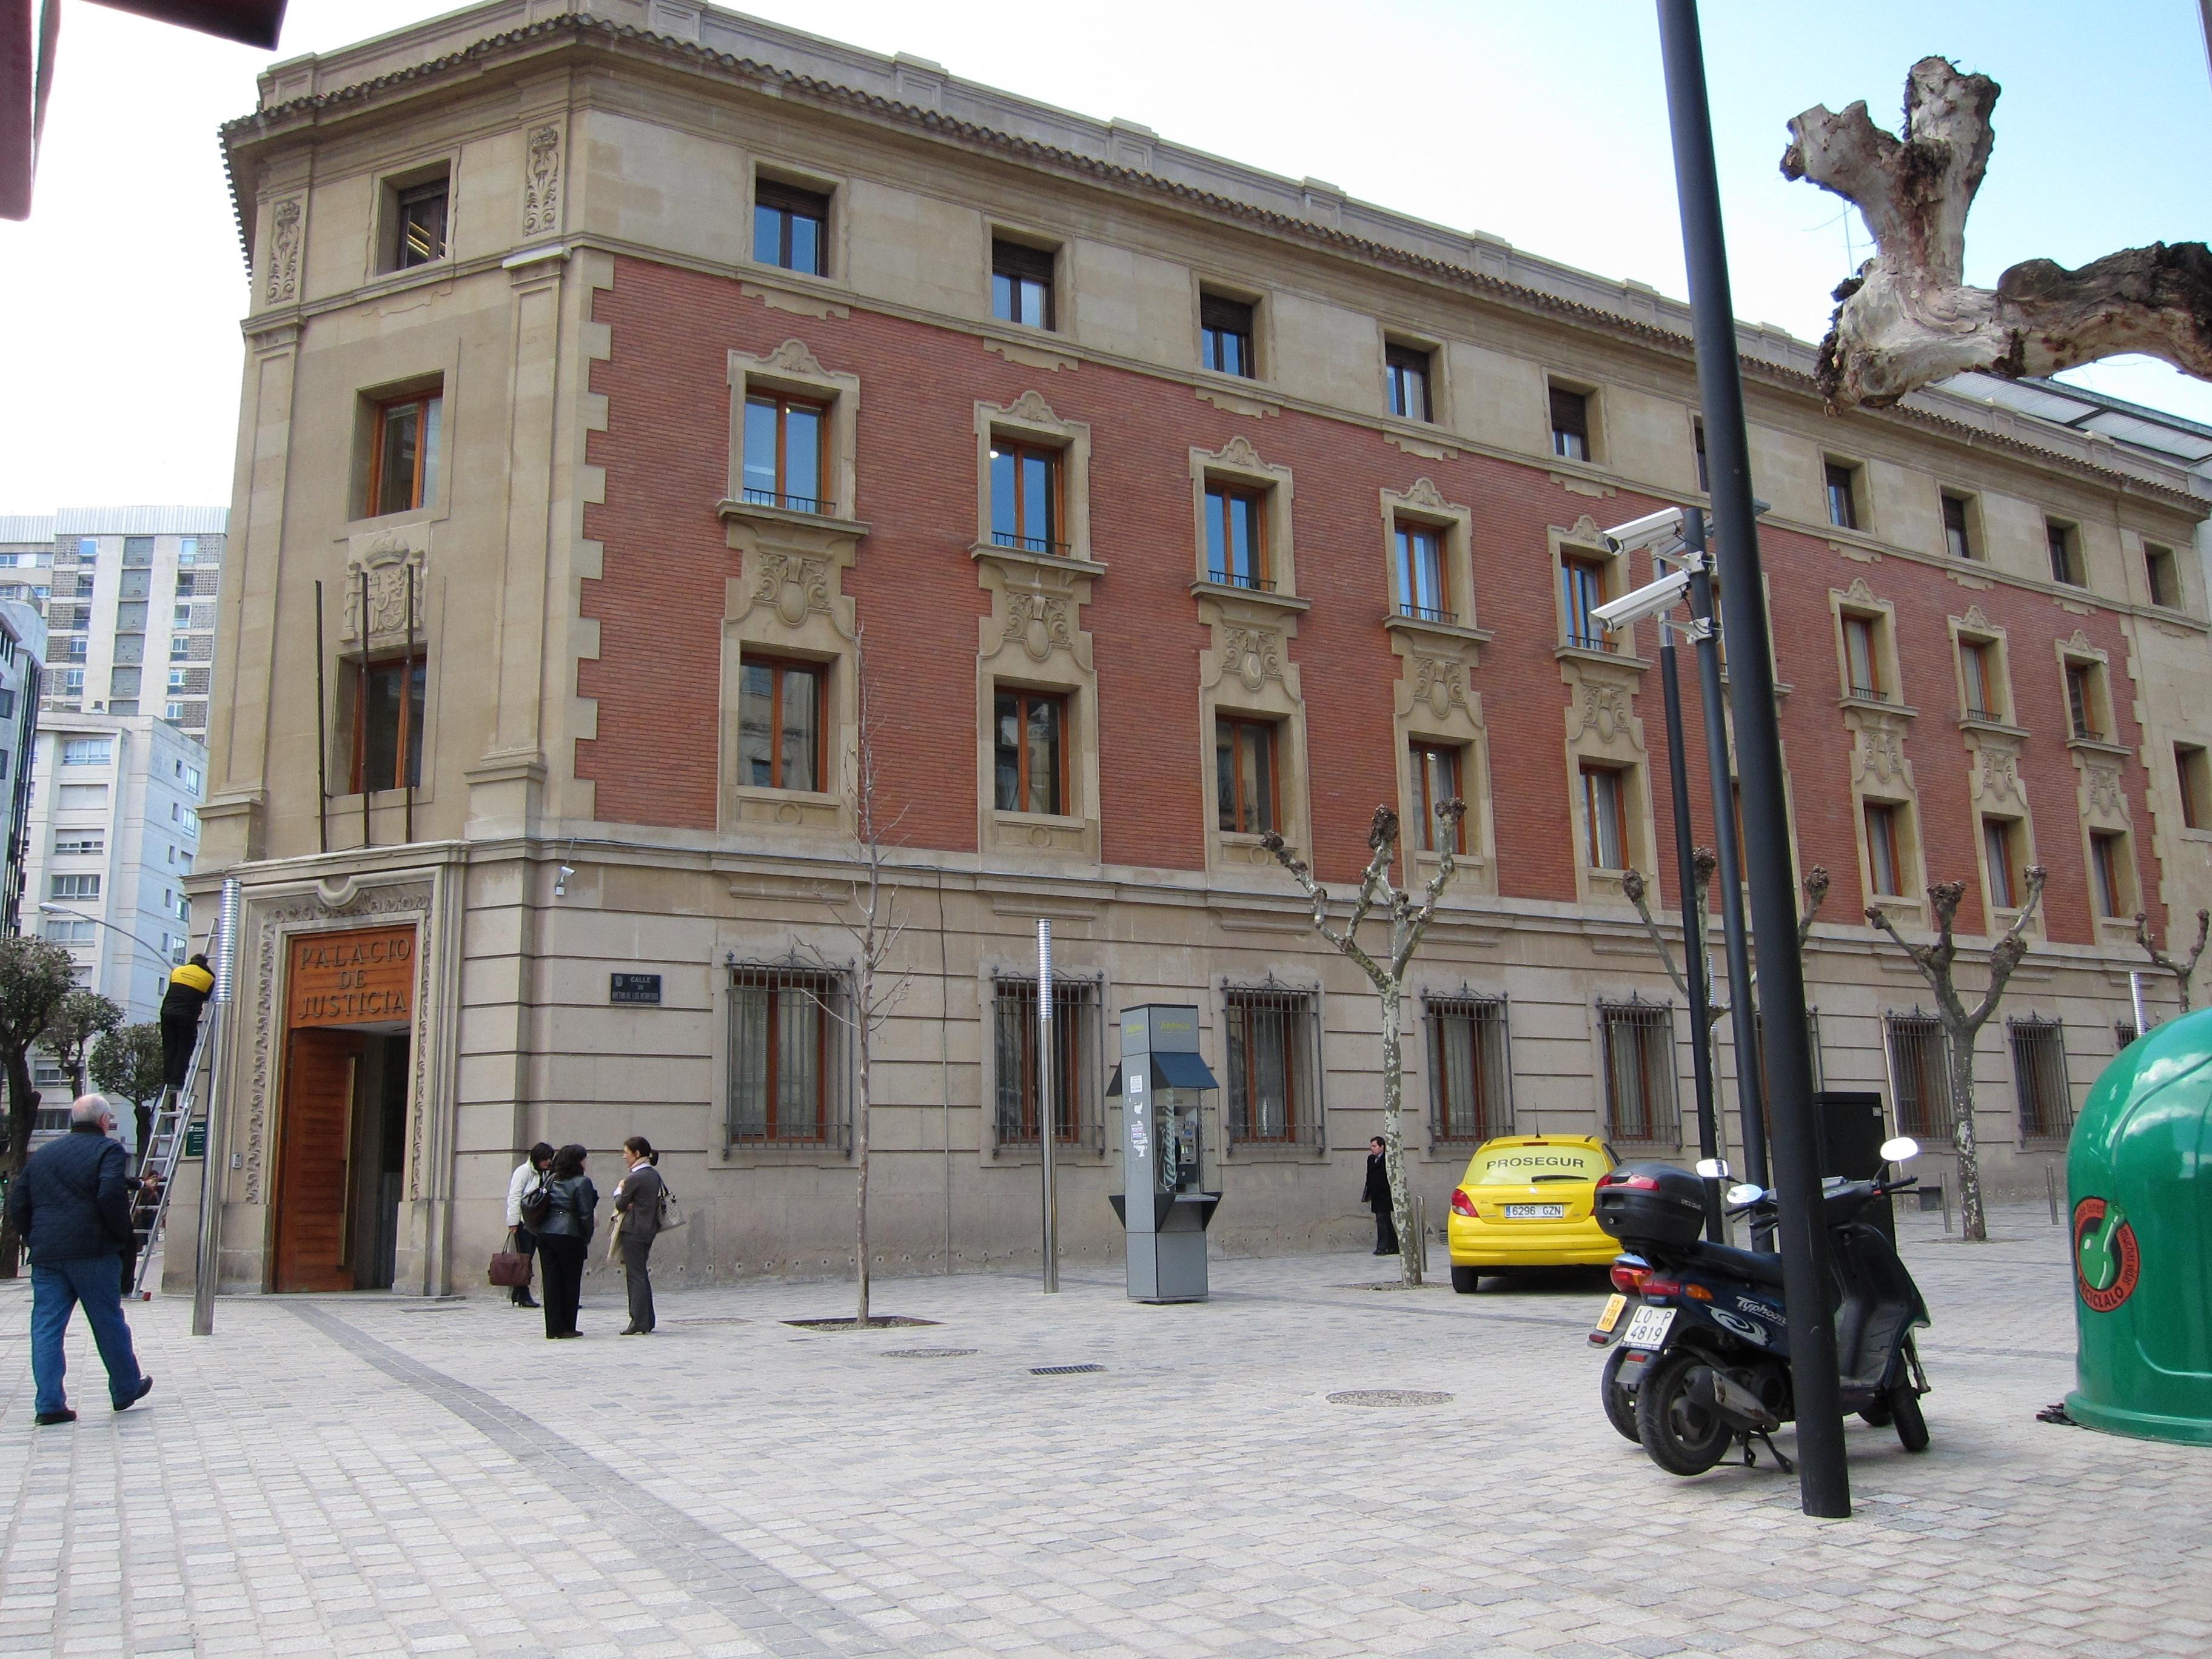 Piden 4 años de cárcel y más de 10.000 euros de indemnización para una persona que golpeó a otra en una discoteca